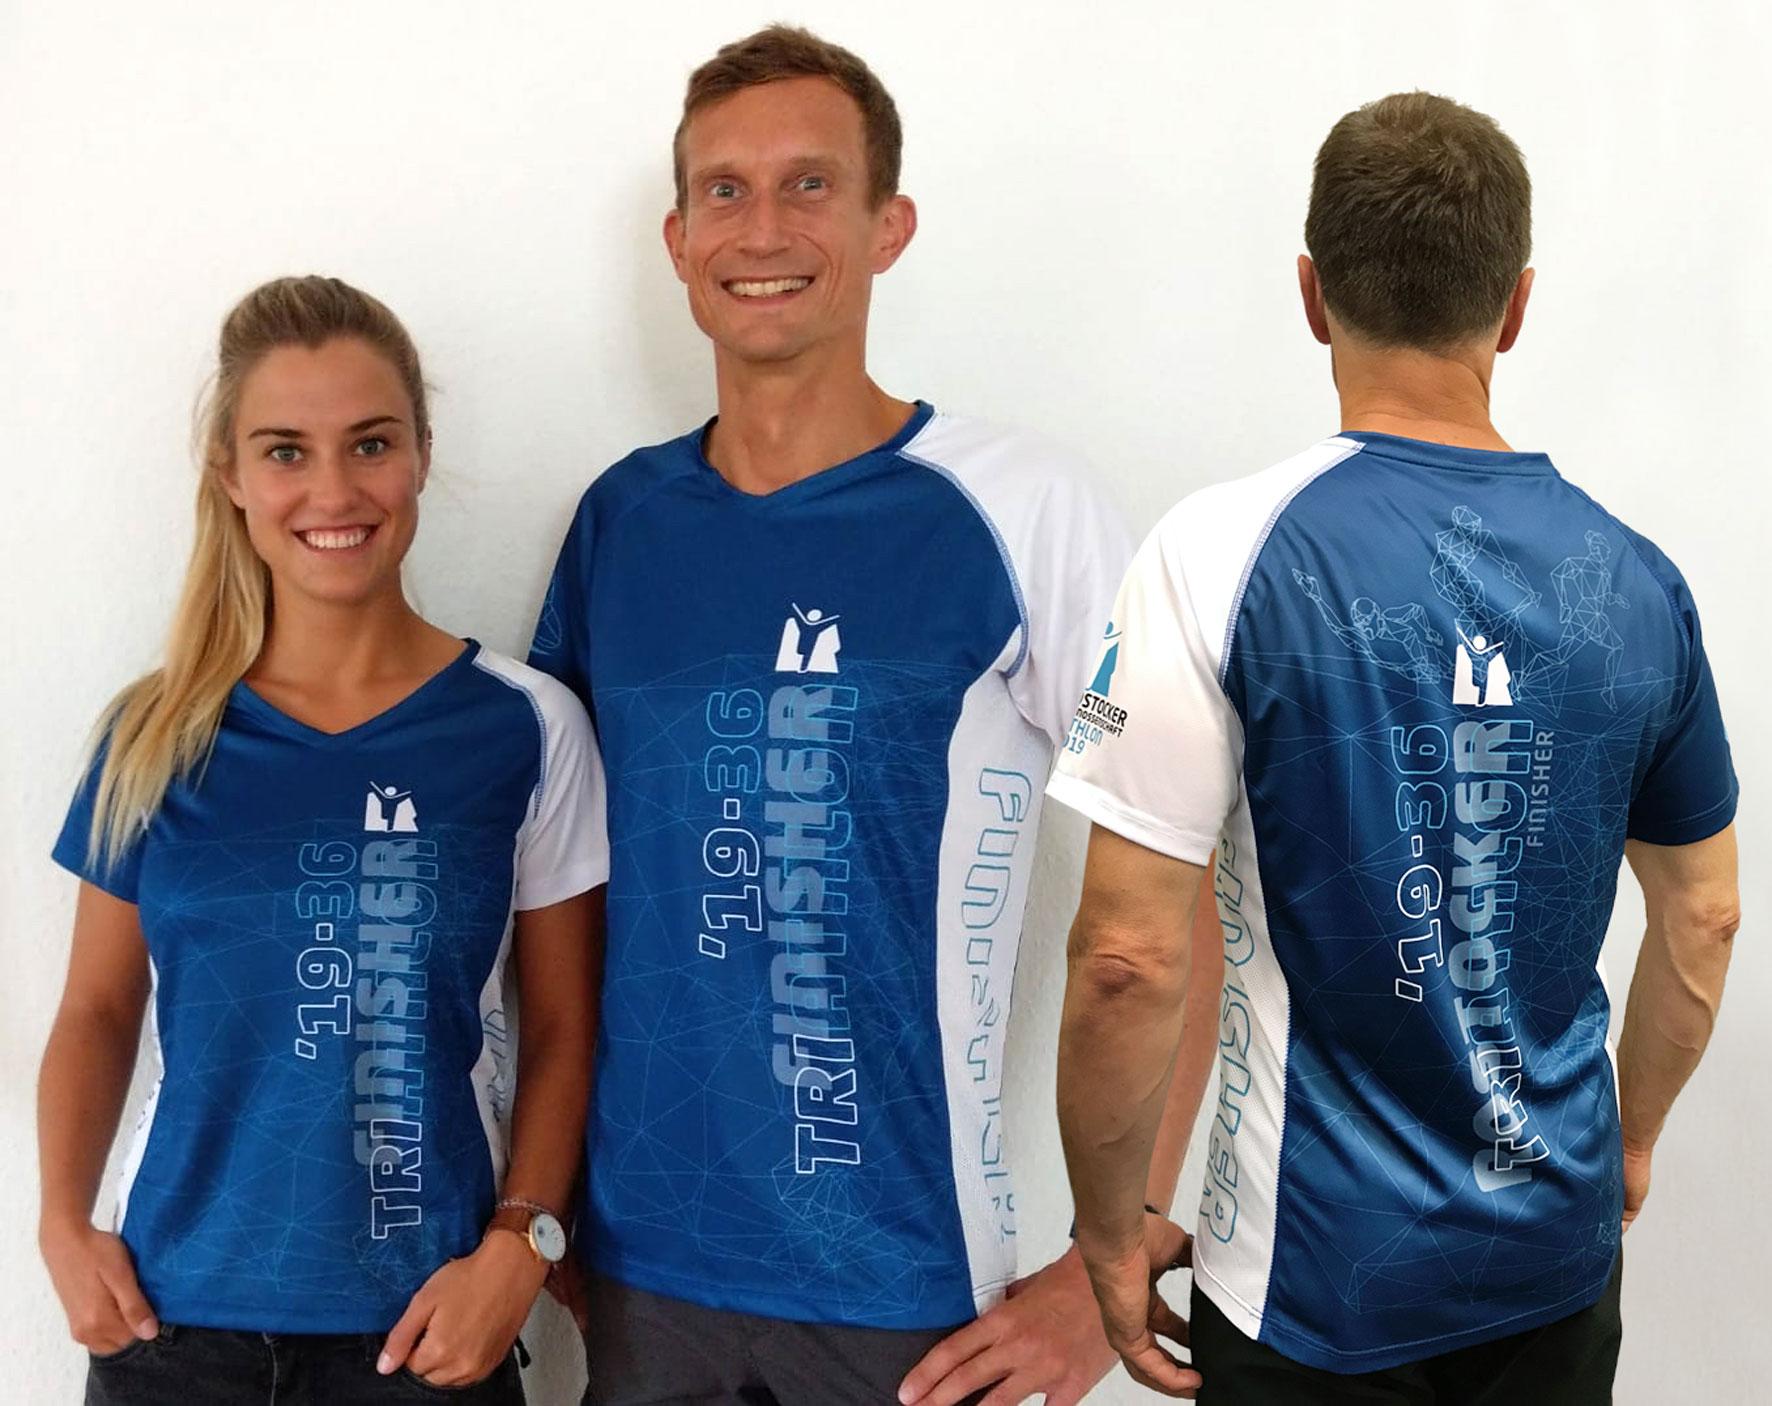 Offizielle Finisher-Shirts für den RoTri 2019 eingetroffen!